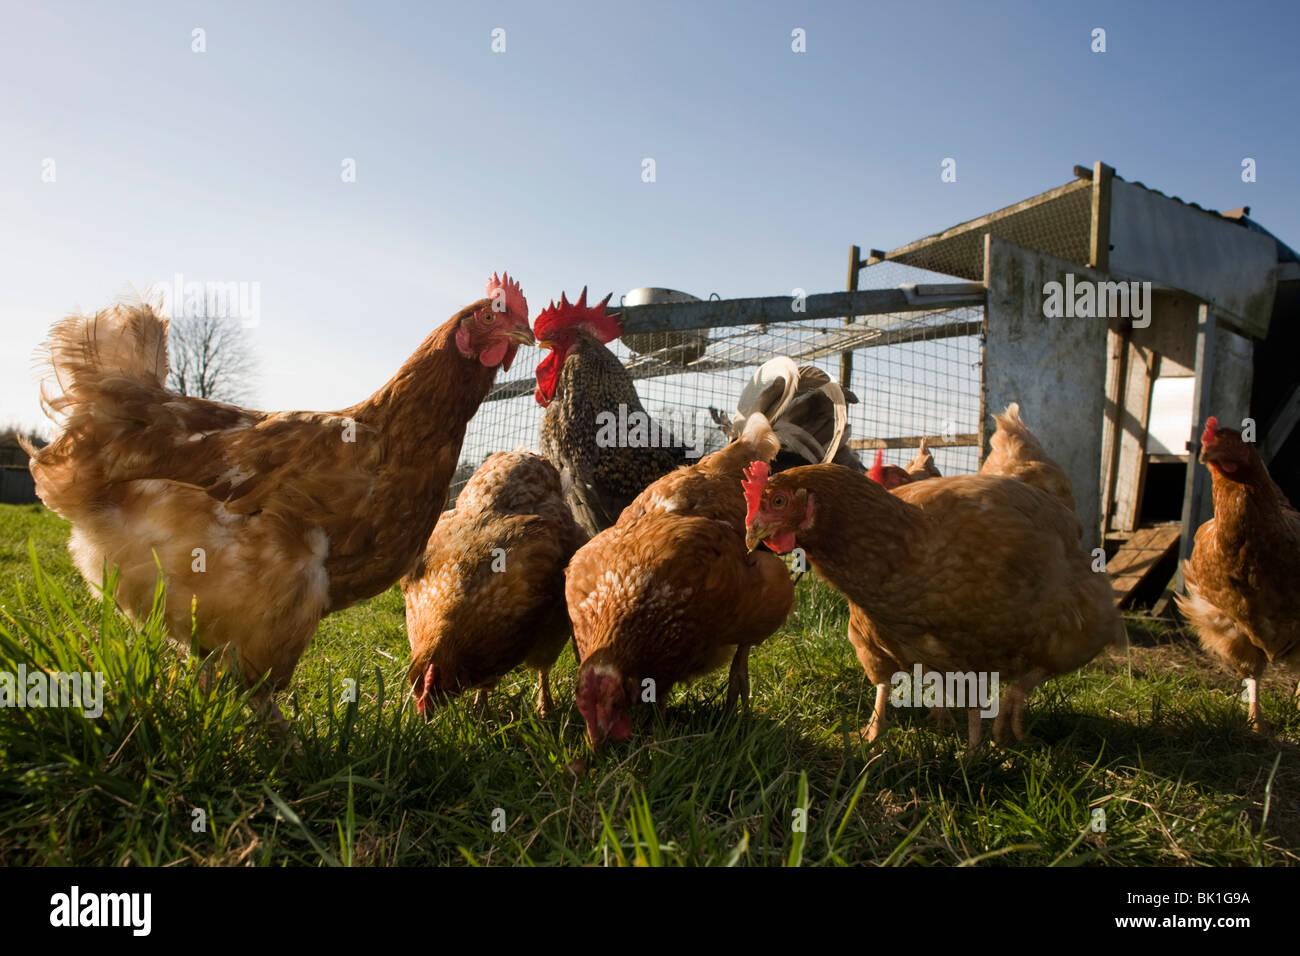 free-range-hen-chickens-roam-in-a-green-